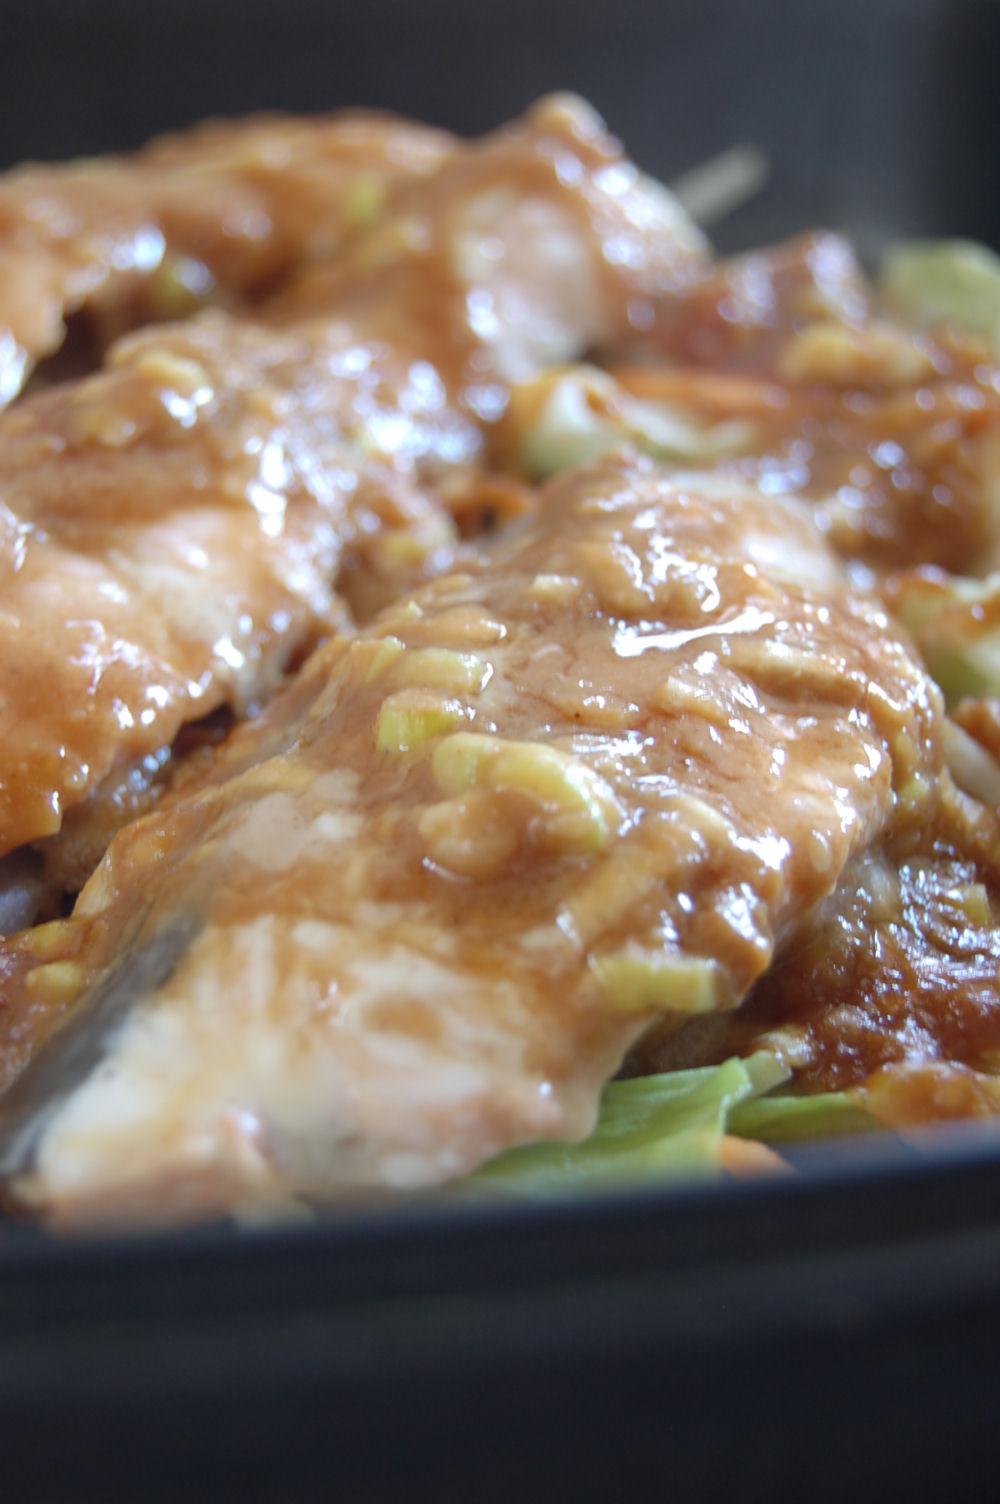 kankokuhuusakenotyantyanyaki